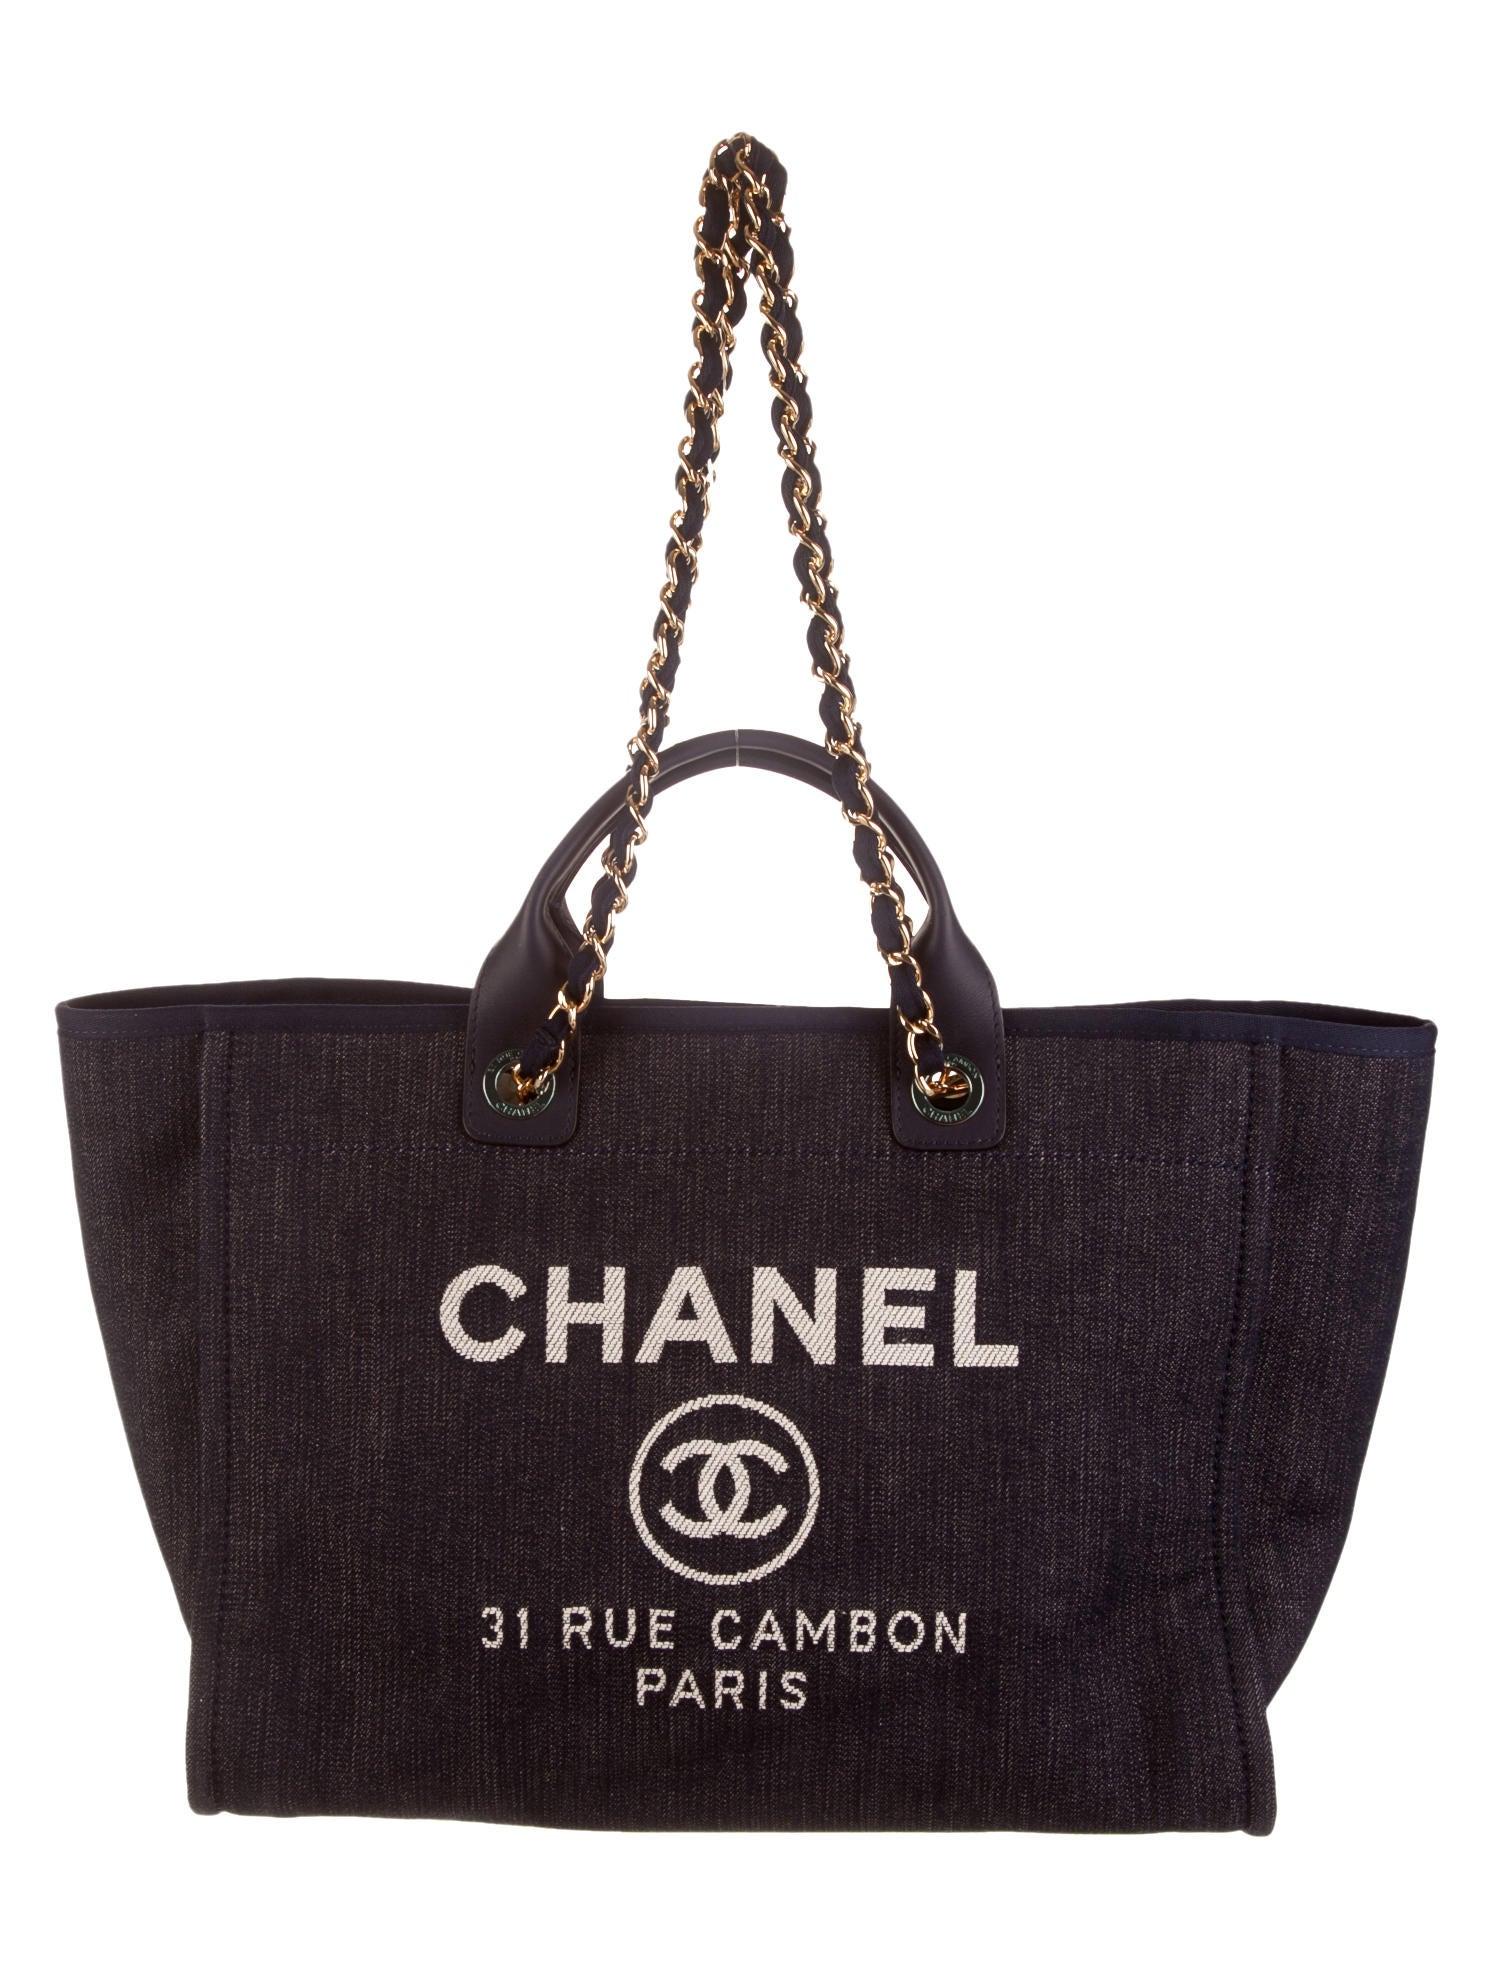 200a316b74df Chanel Denim 31 Rue Cambon Tote w  Tags - Handbags - CHA55520